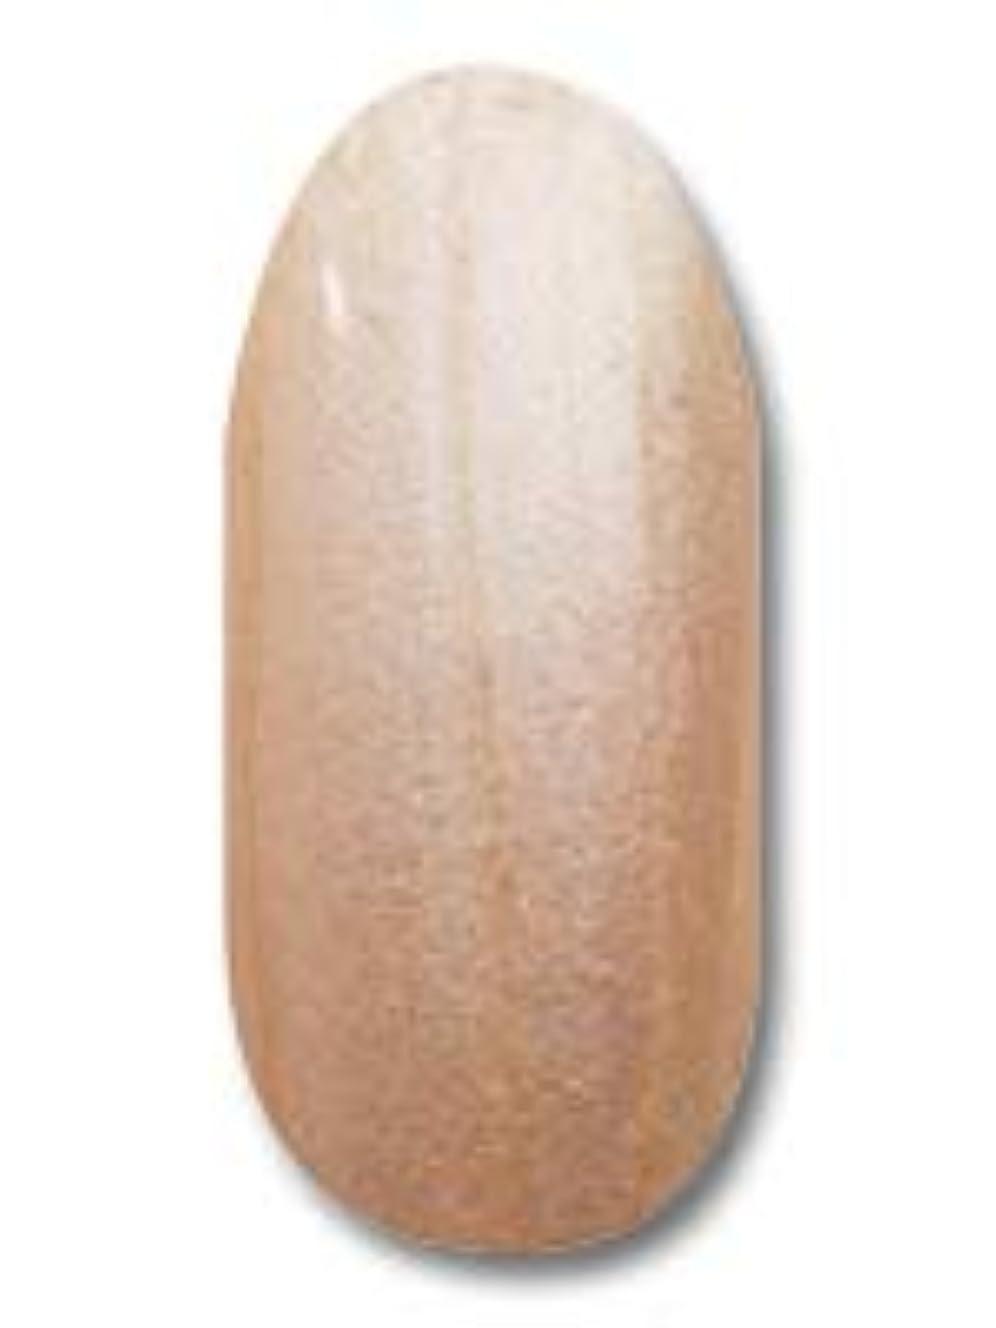 換気する直感タッチジェルネイル カラージェル T-GEL ティージェル COLLECTION カラージェル D006 サテンシルク 4ml